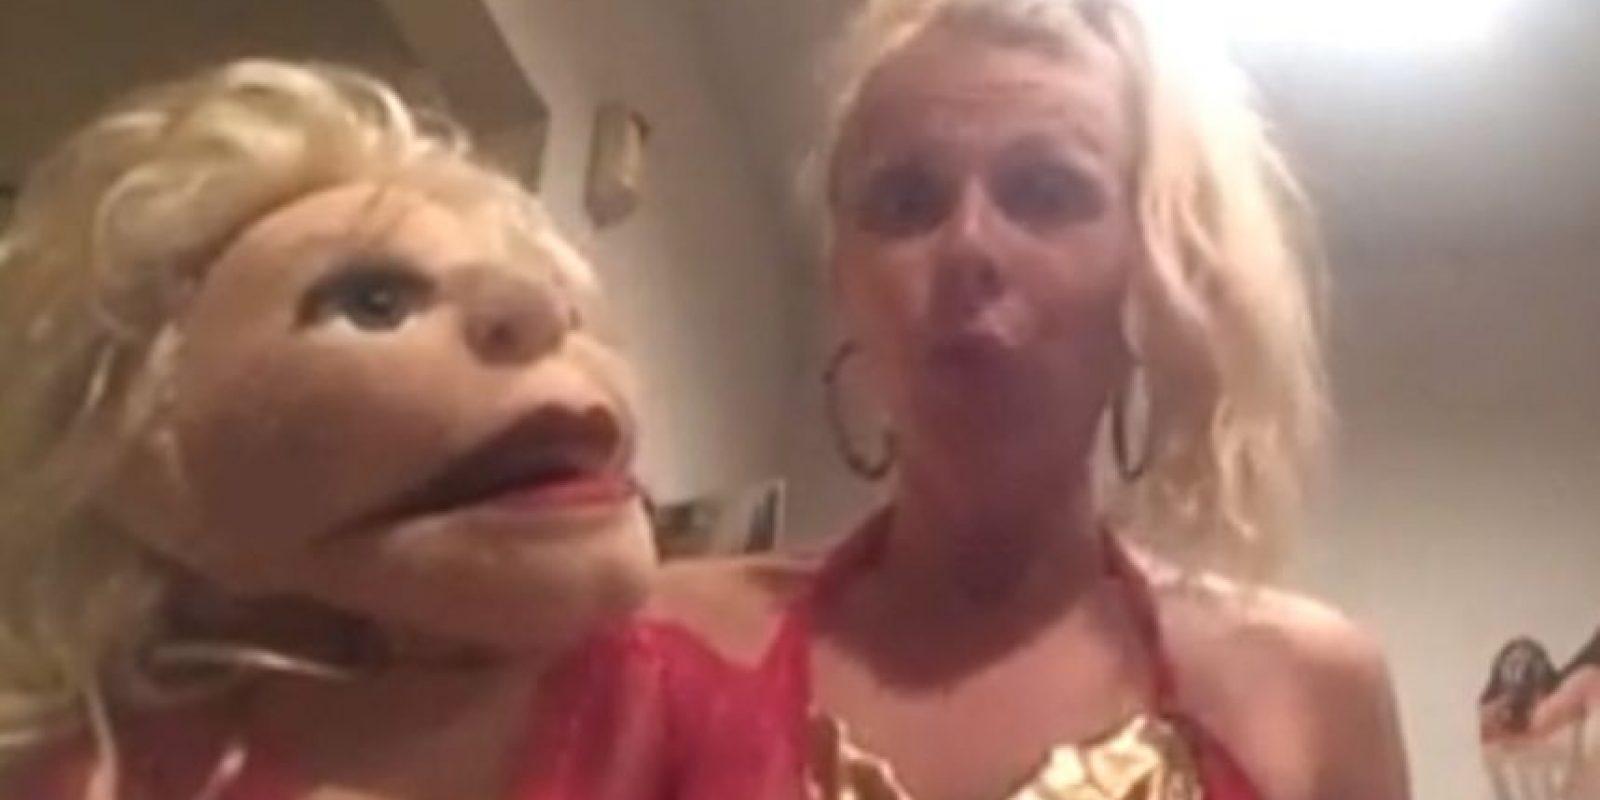 El lunes pasado, la estadounidense April Brucker de 30 años decidió dejar a su novio debido a que perfería darle todo su amor, atención y cuidados a sus 16 marionetas. Foto:Vía Facebook.com/AprilBrucker